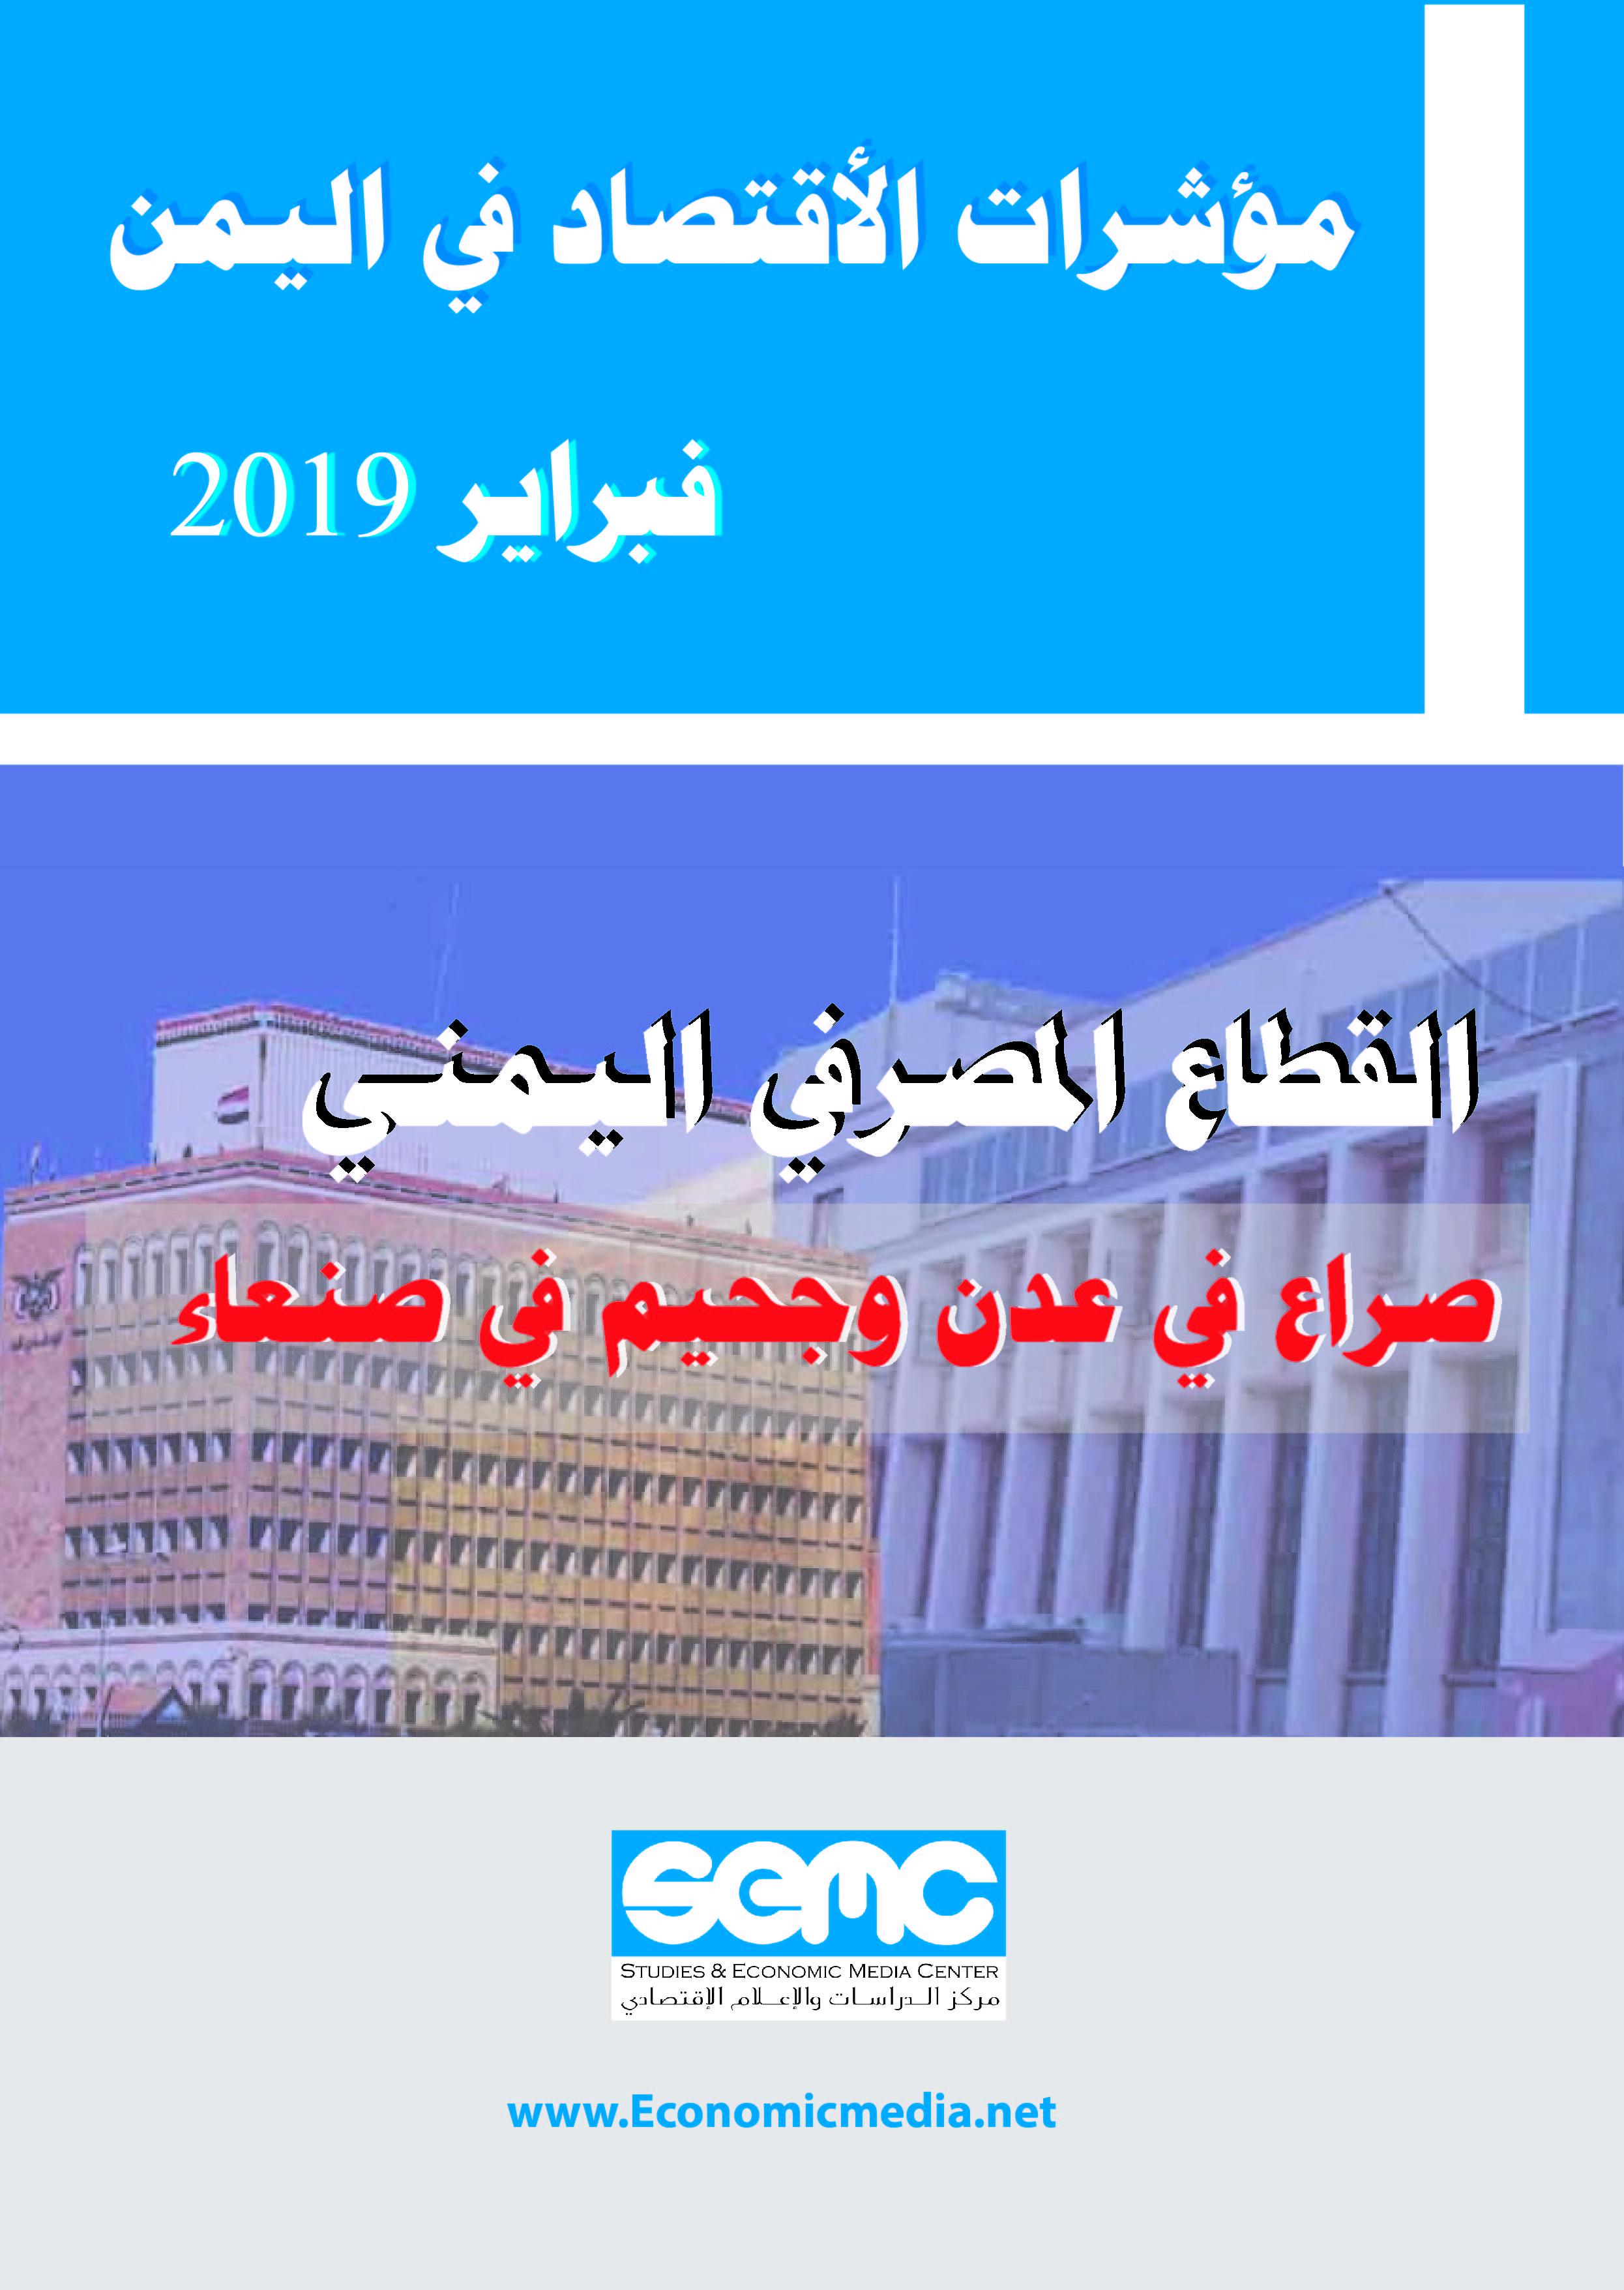 الاعلام الاقتصادي يصدر مؤشرات الاقتصاد اليمني